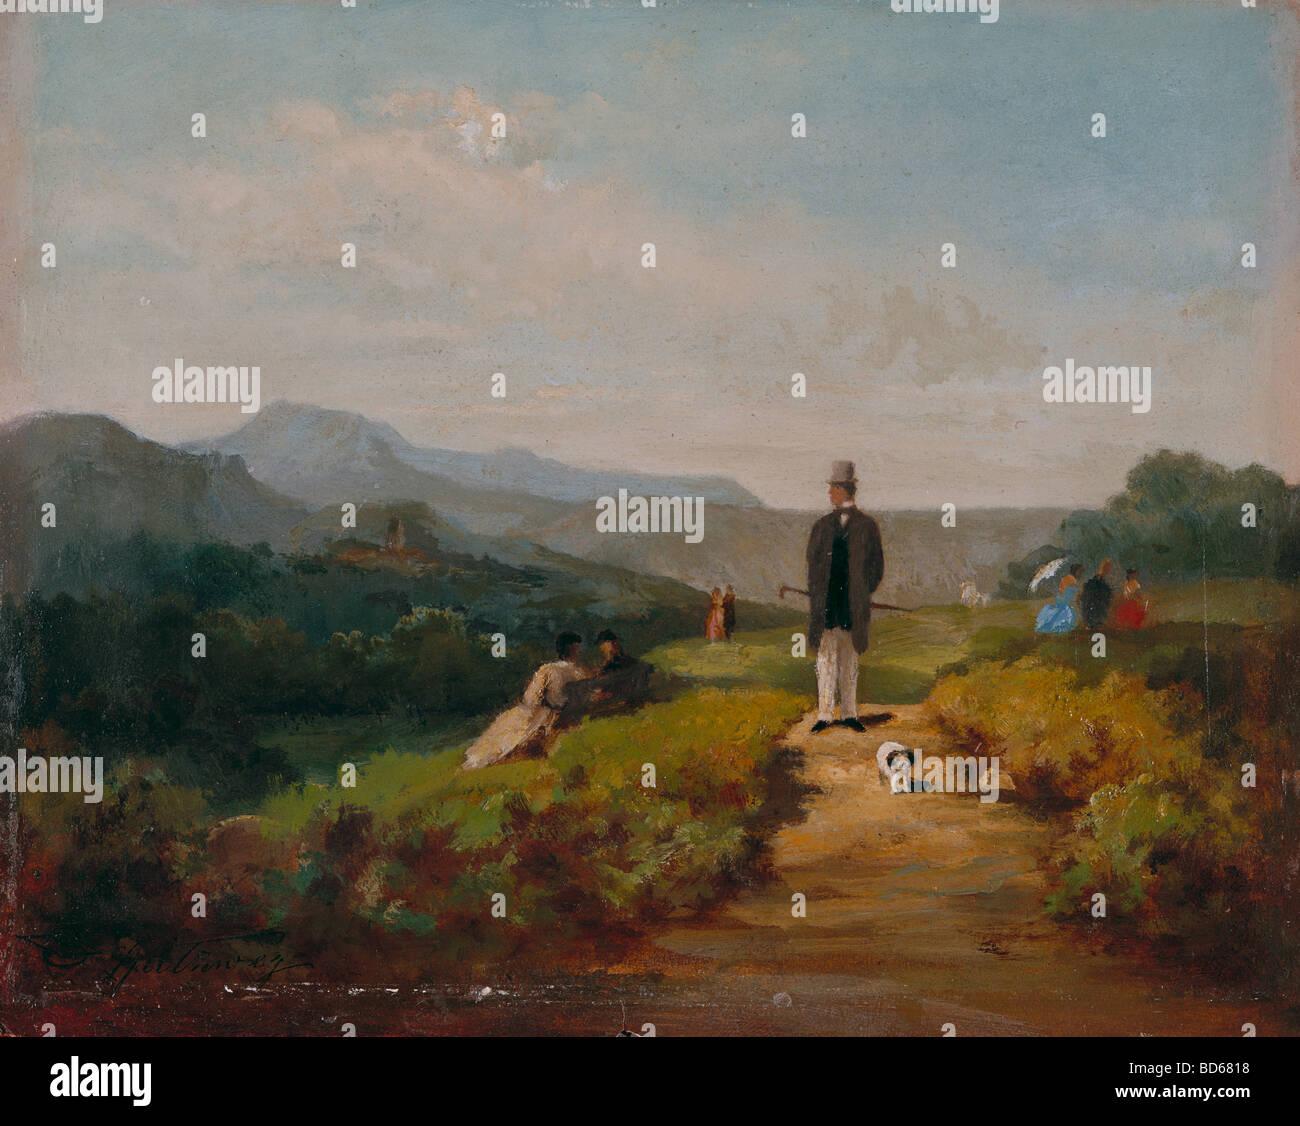 """fine arts, Spitzweg, Carl (1808 - 1885), painting, """"Der Gutsherr"""" (The Laird), Kunsthalle Mannheim, Germany, Karl, Stock Photo"""